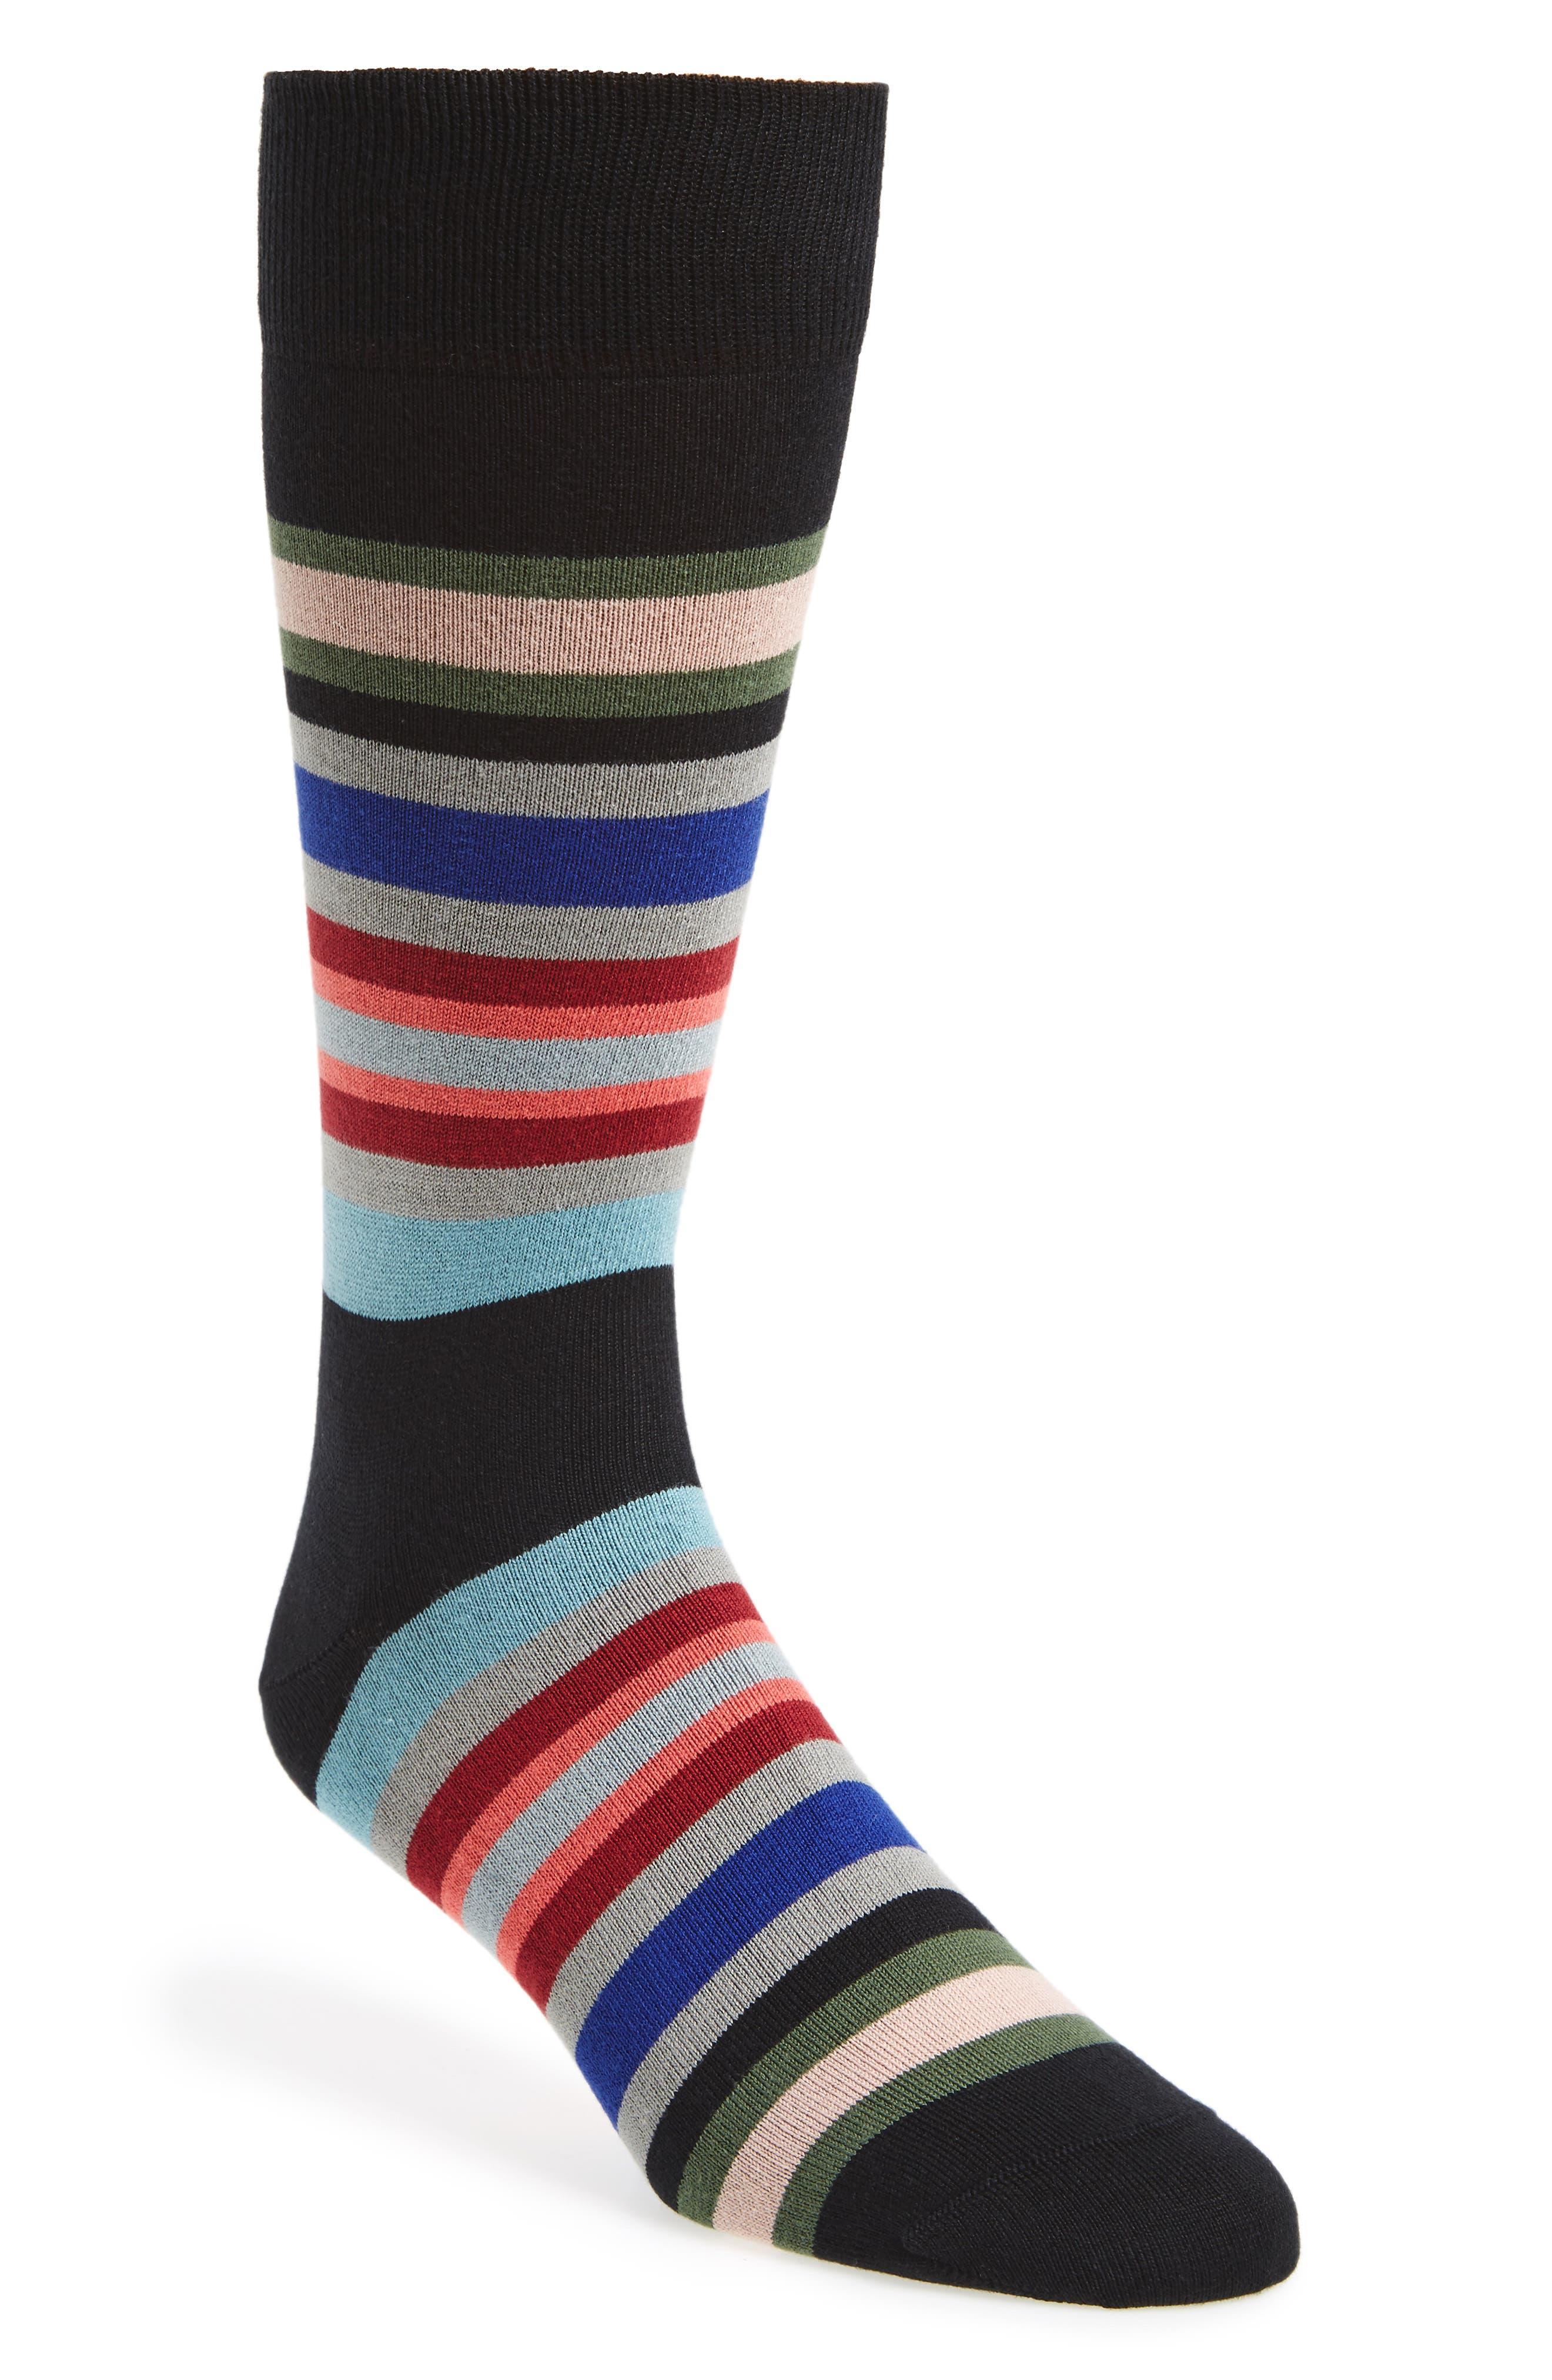 Kew Stripe Socks,                             Main thumbnail 1, color,                             001